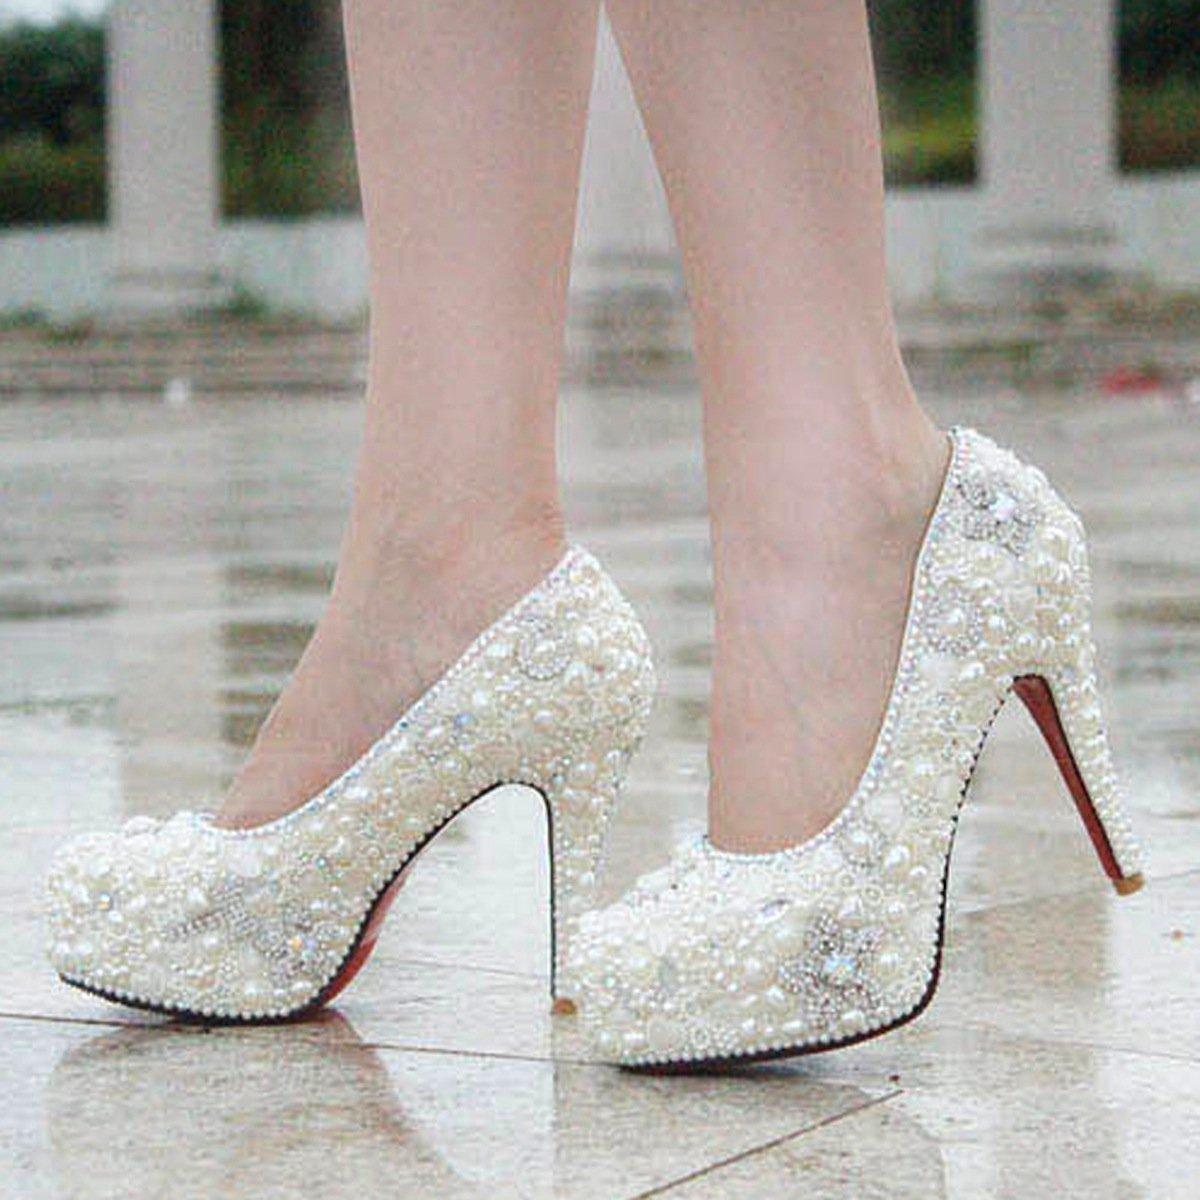 SEXYHER GlamGoldus Perle Dachte Platform 5.5 Zoll High Heels Heels Heels Hochzeit Schuhe - SHO1688820 55543d